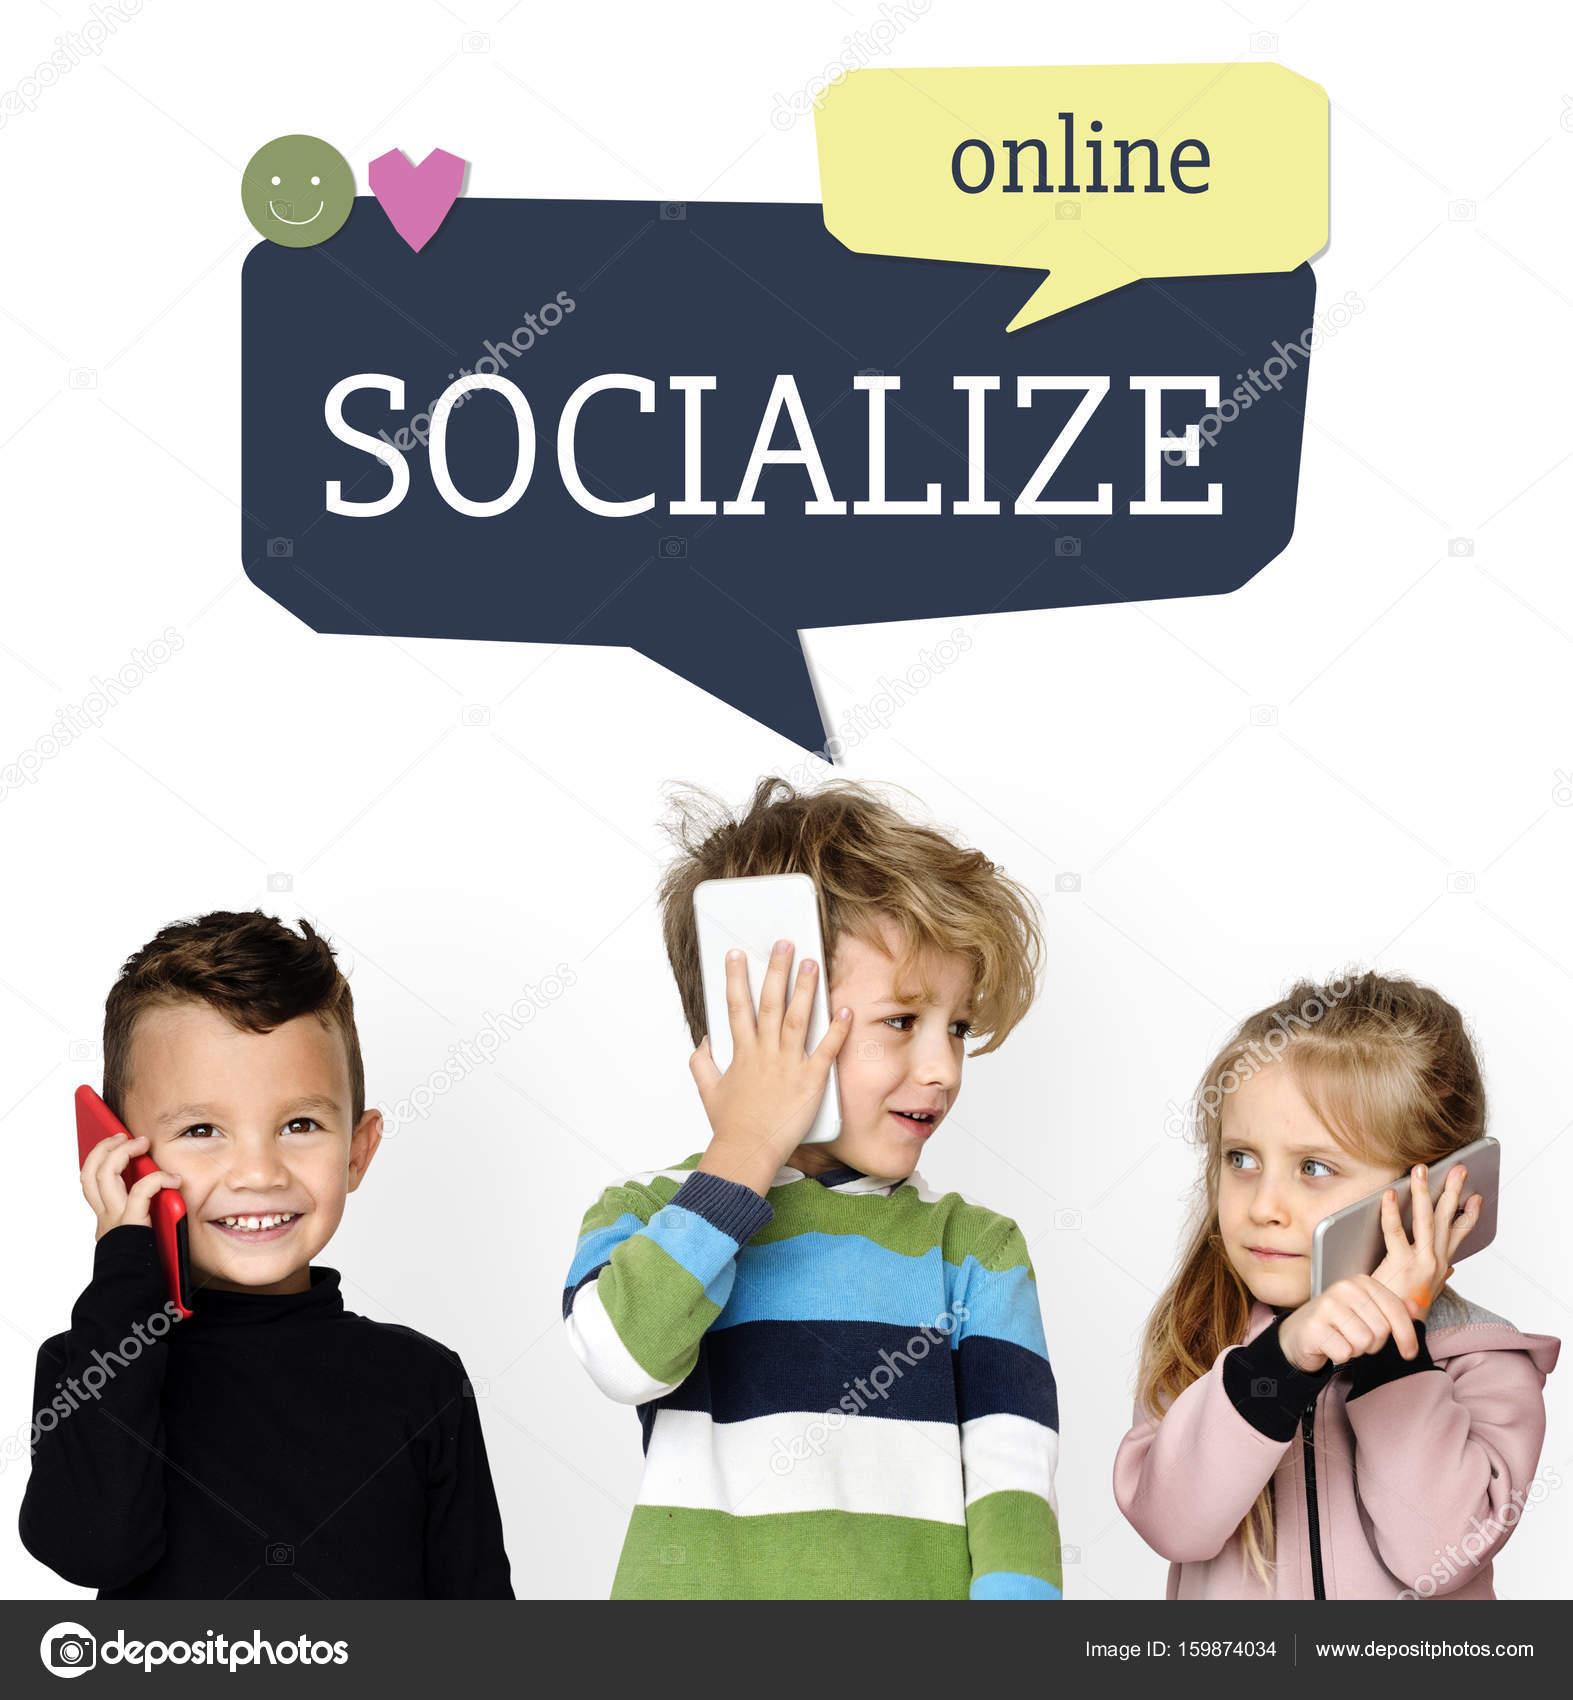 δωρεάν online site γνωριμιών για το κινητό τηλέφωνο